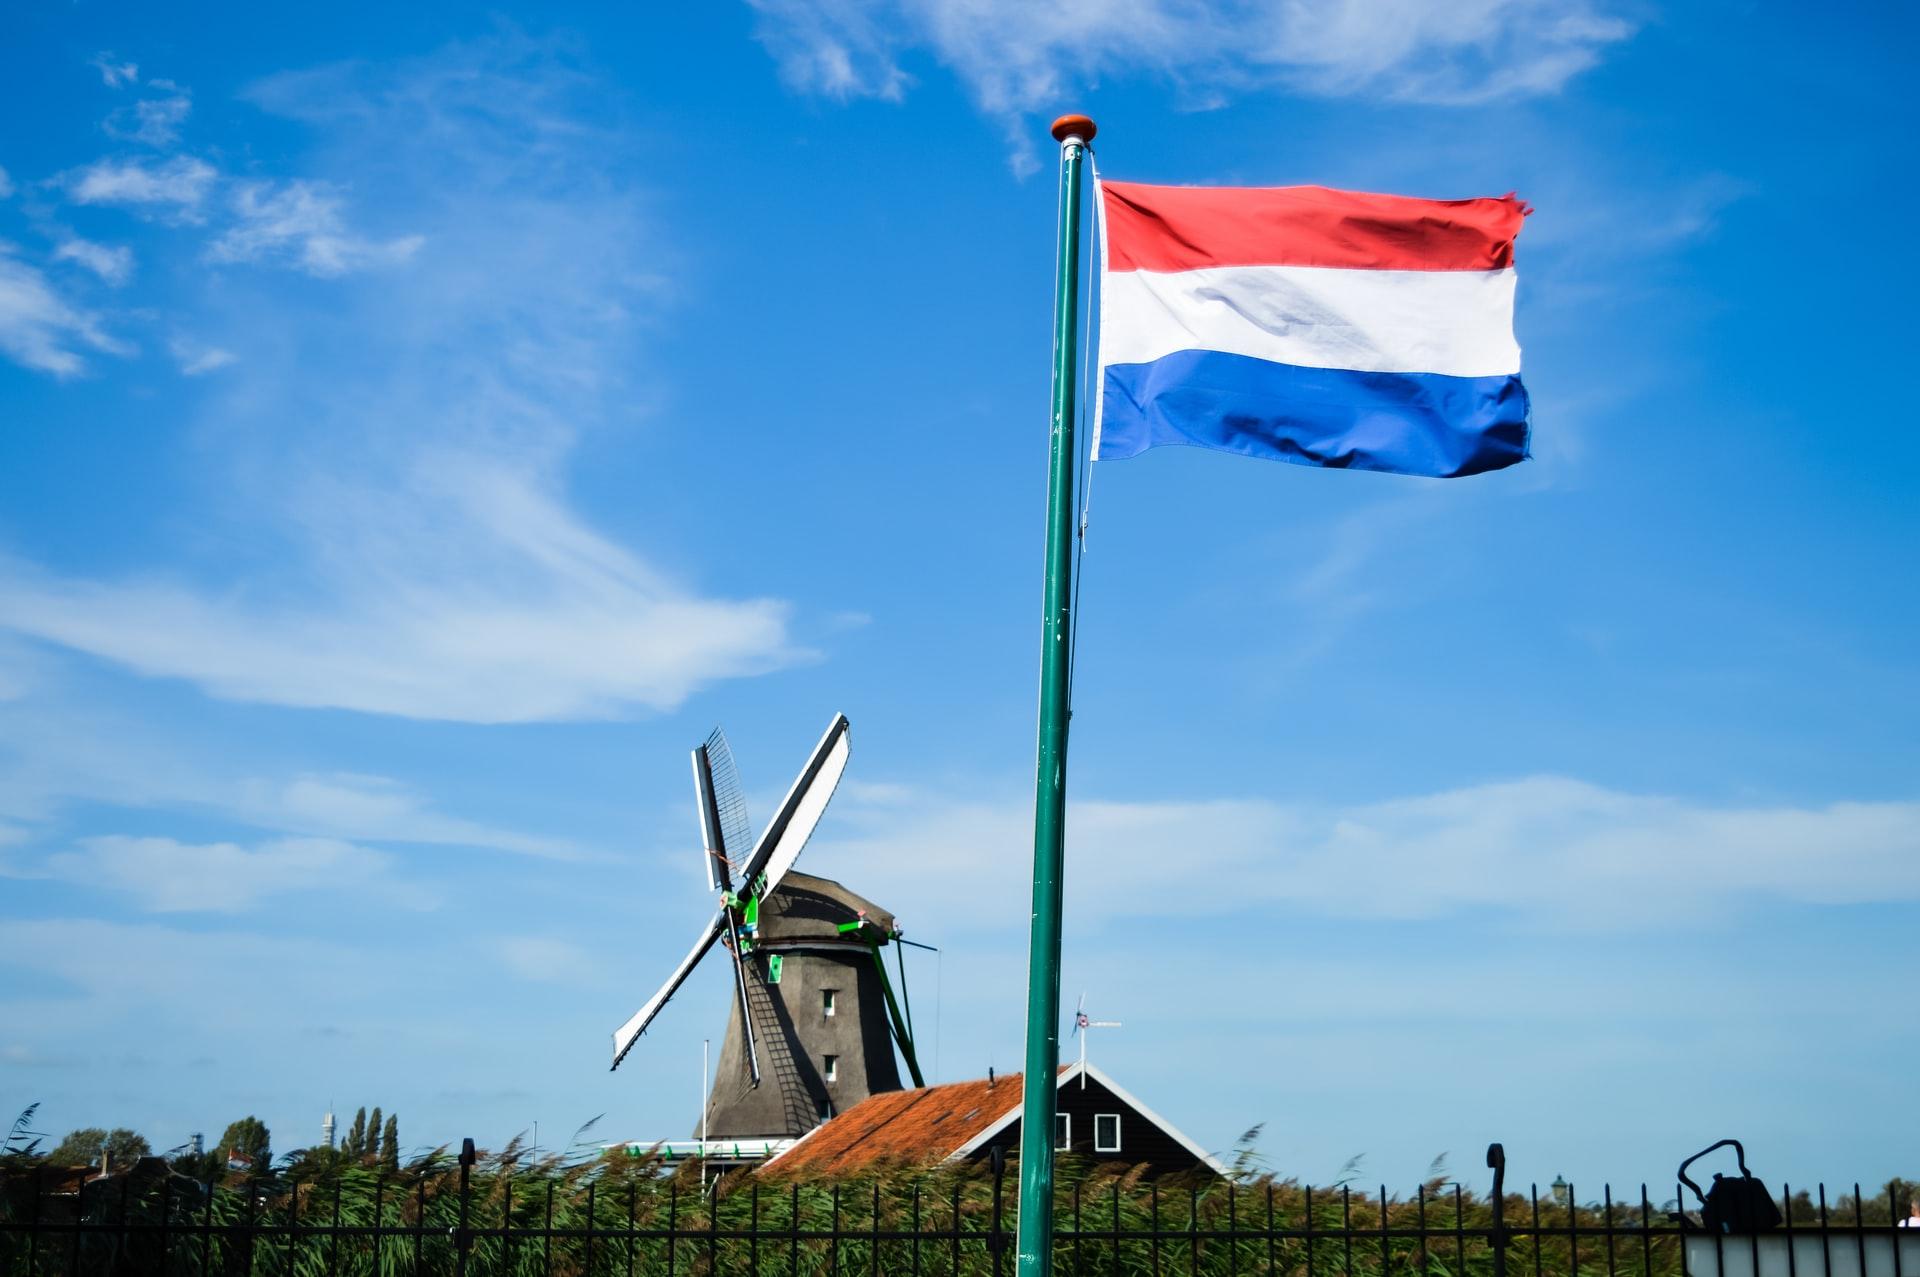 Помилка в алгоритмі аналізу Big Data призвела до урядового скандалу в Нідерландах